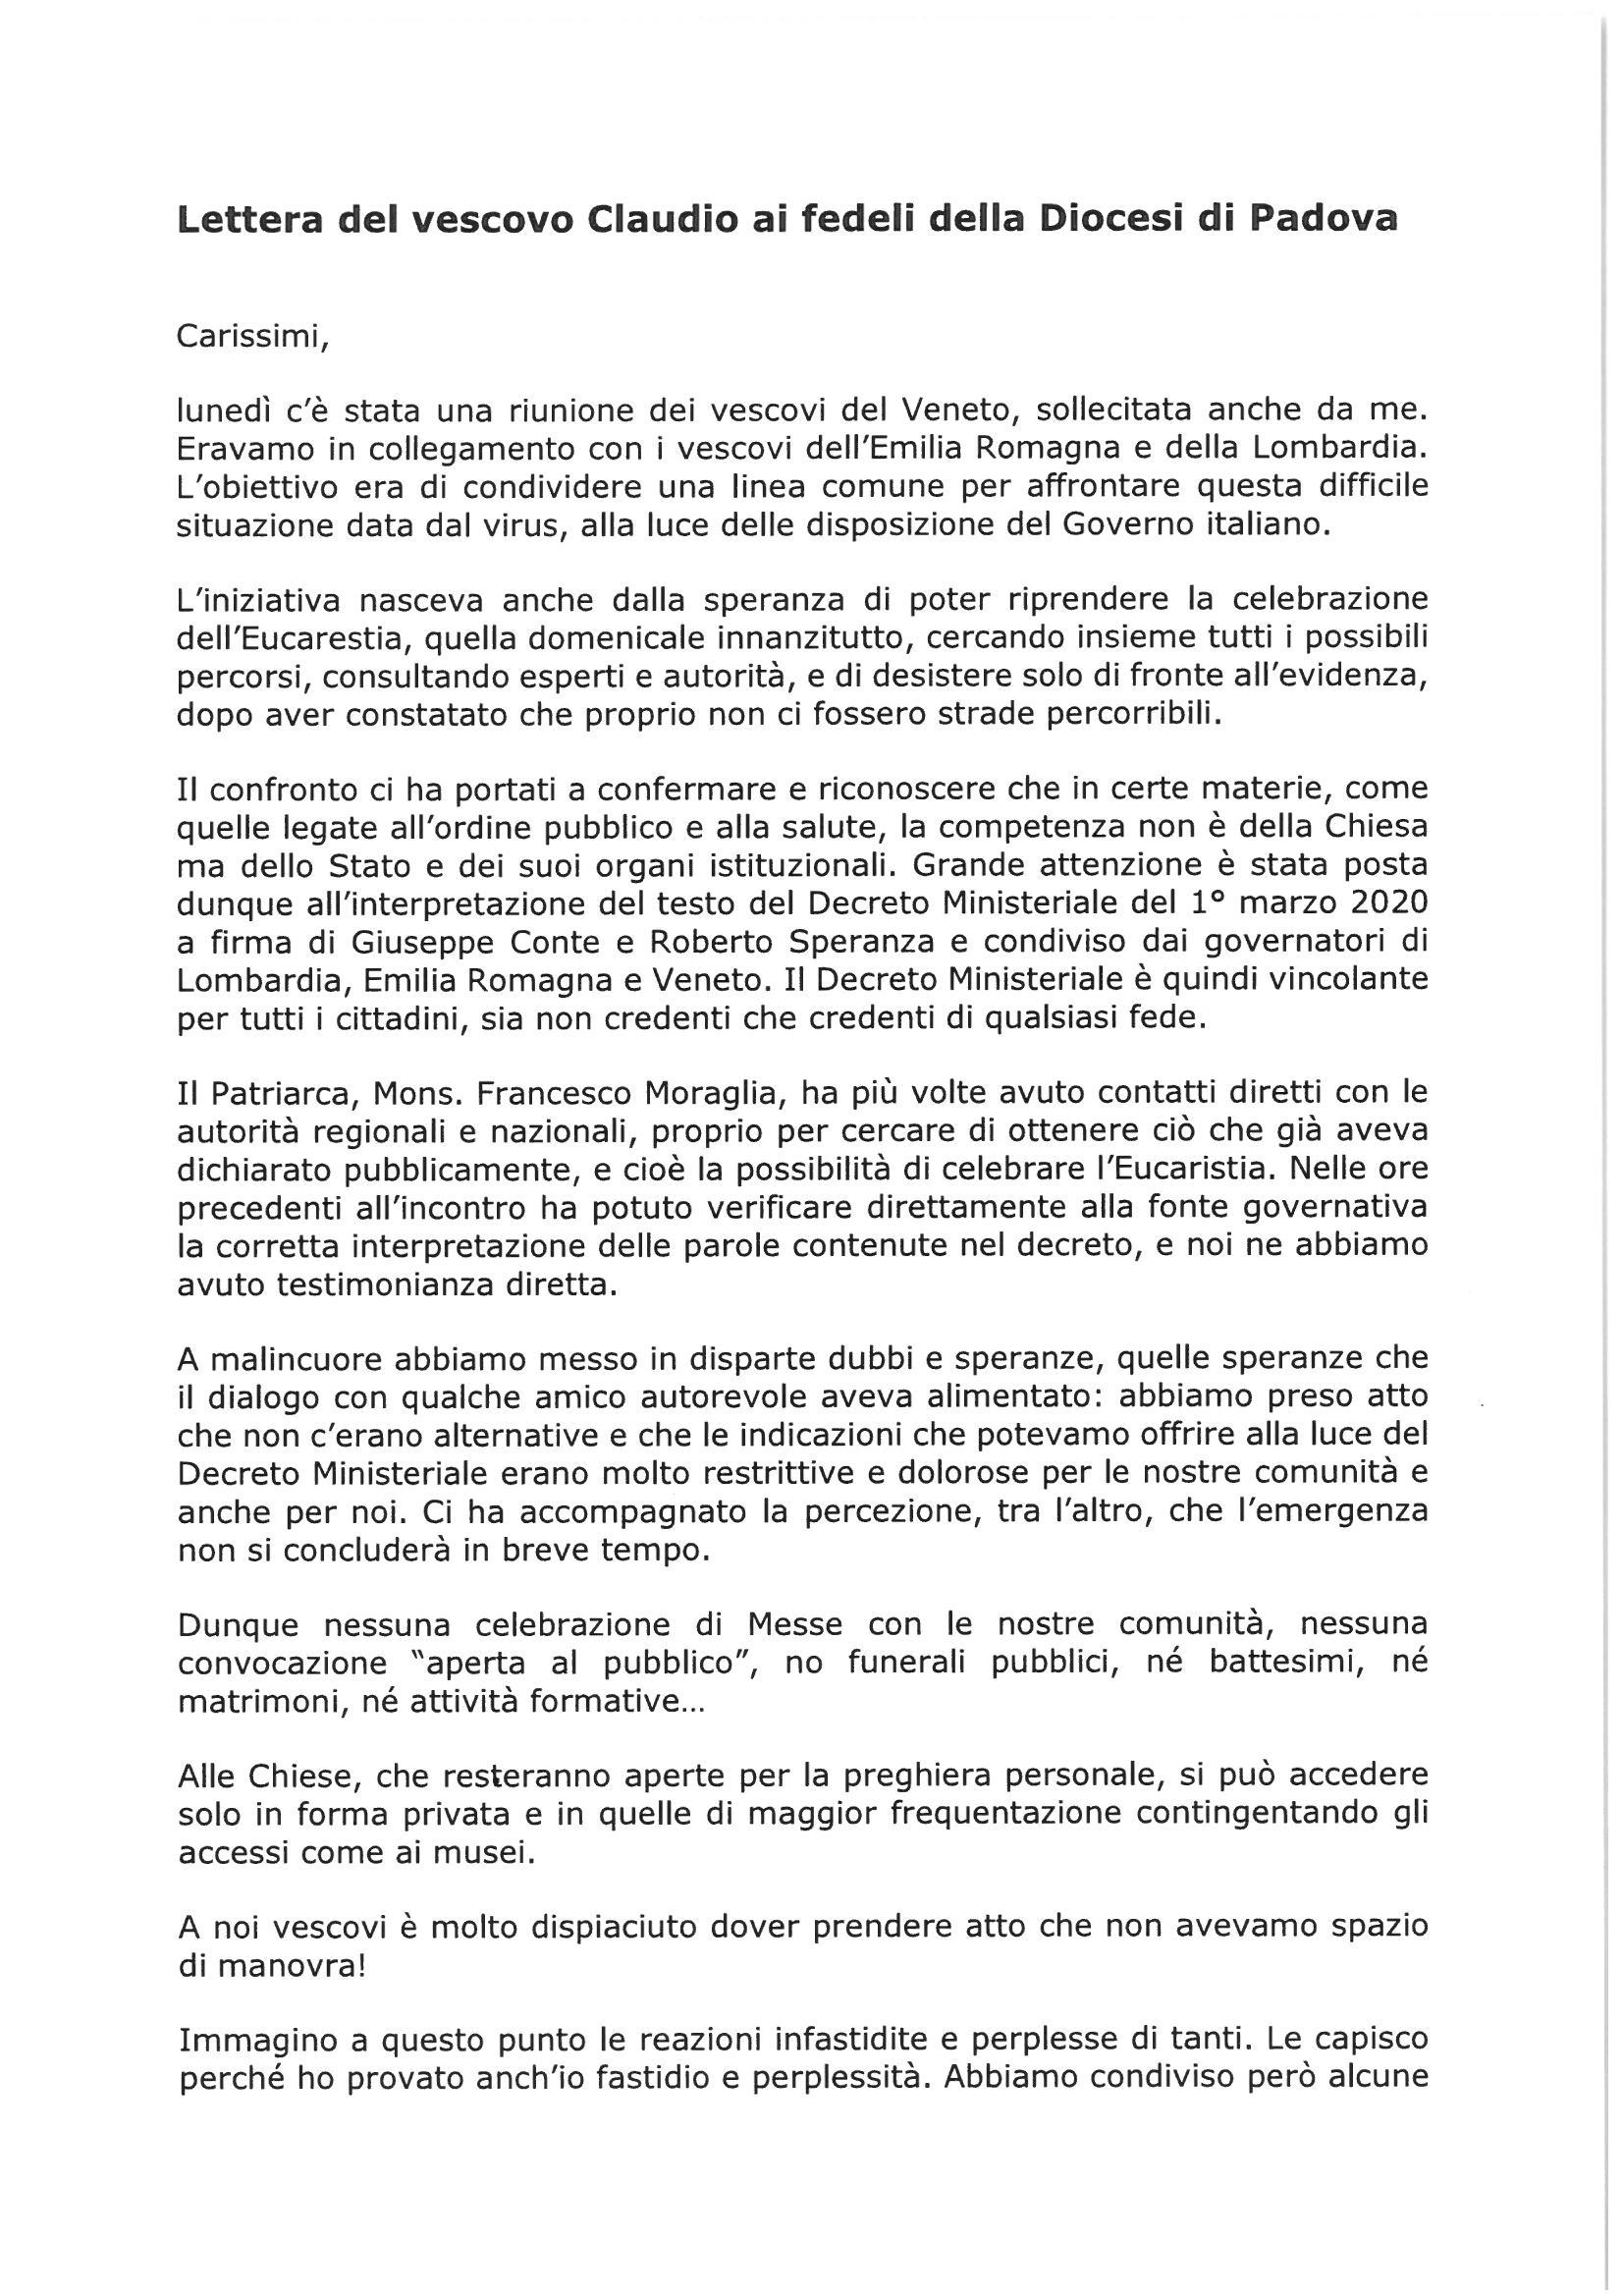 Lettera del Vescovo Claudio alla Diocesi